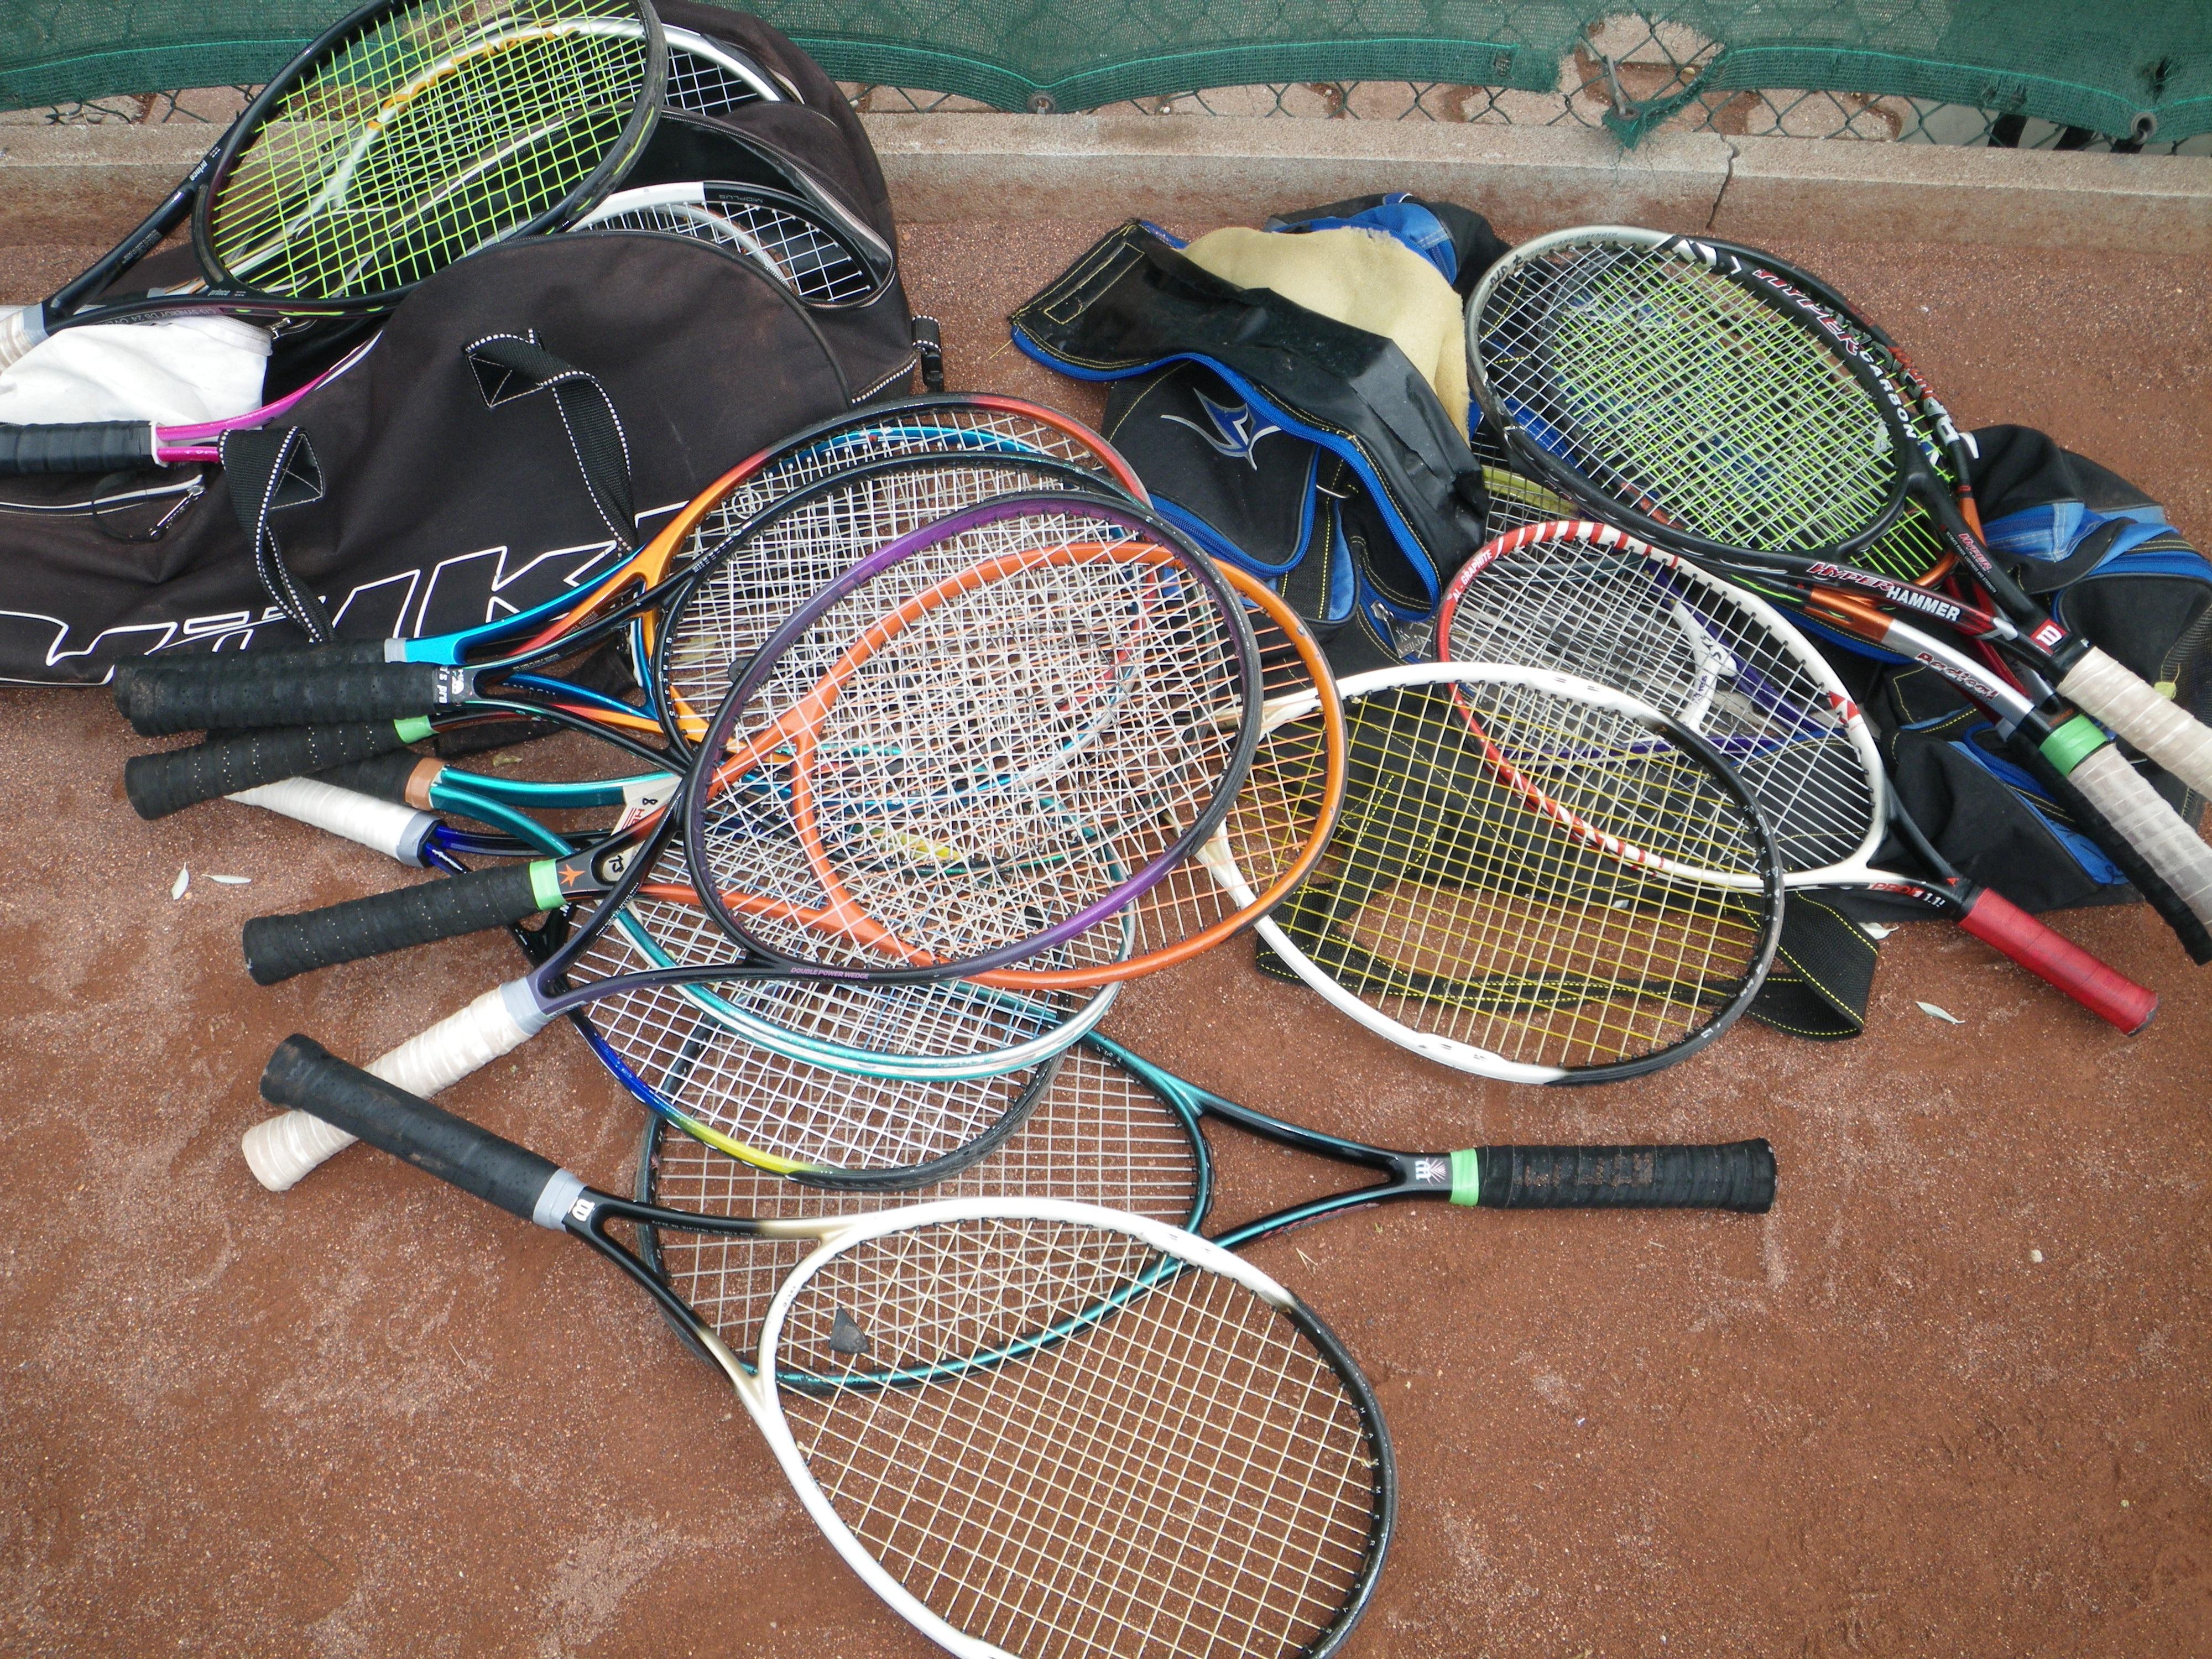 19b523f9 sport tøyle fritid sportsutstyr tennis sport briller nett dekker  tennisracket spille tennis horse tack tennis sport